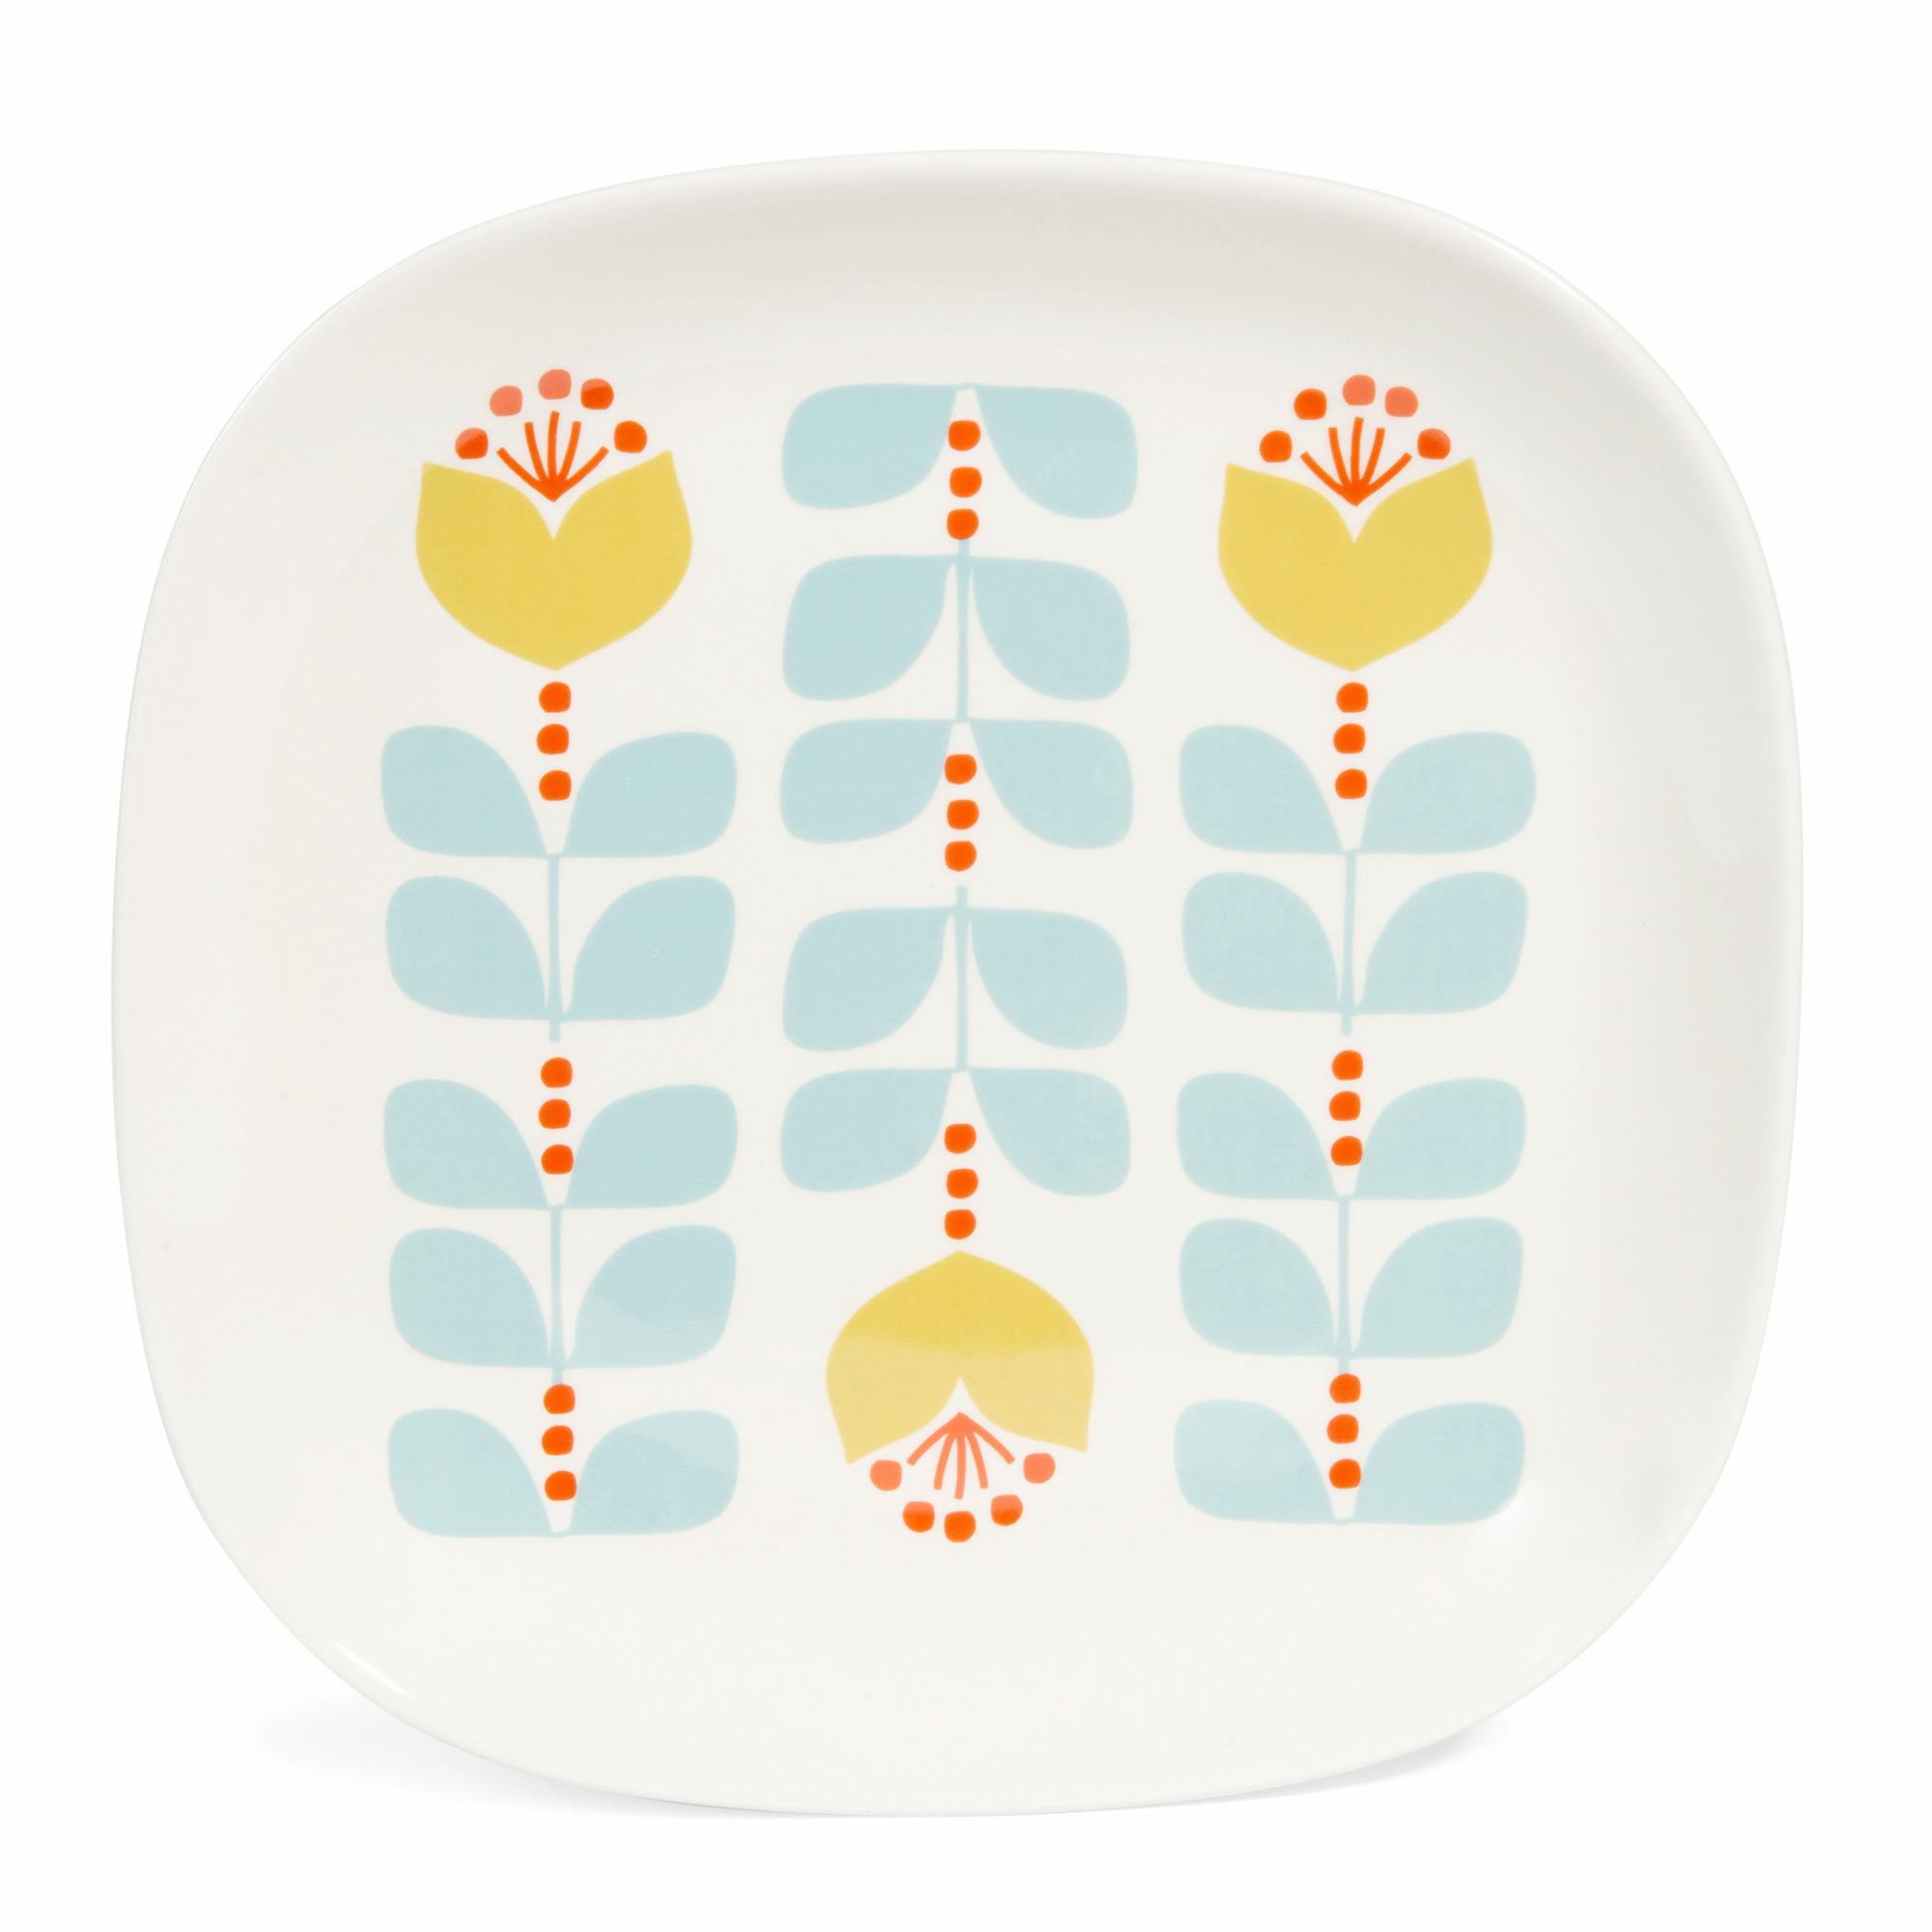 maison du monde vaisselle fabulous assiette dessert maisons du monde vaisselle pas cher mon art. Black Bedroom Furniture Sets. Home Design Ideas